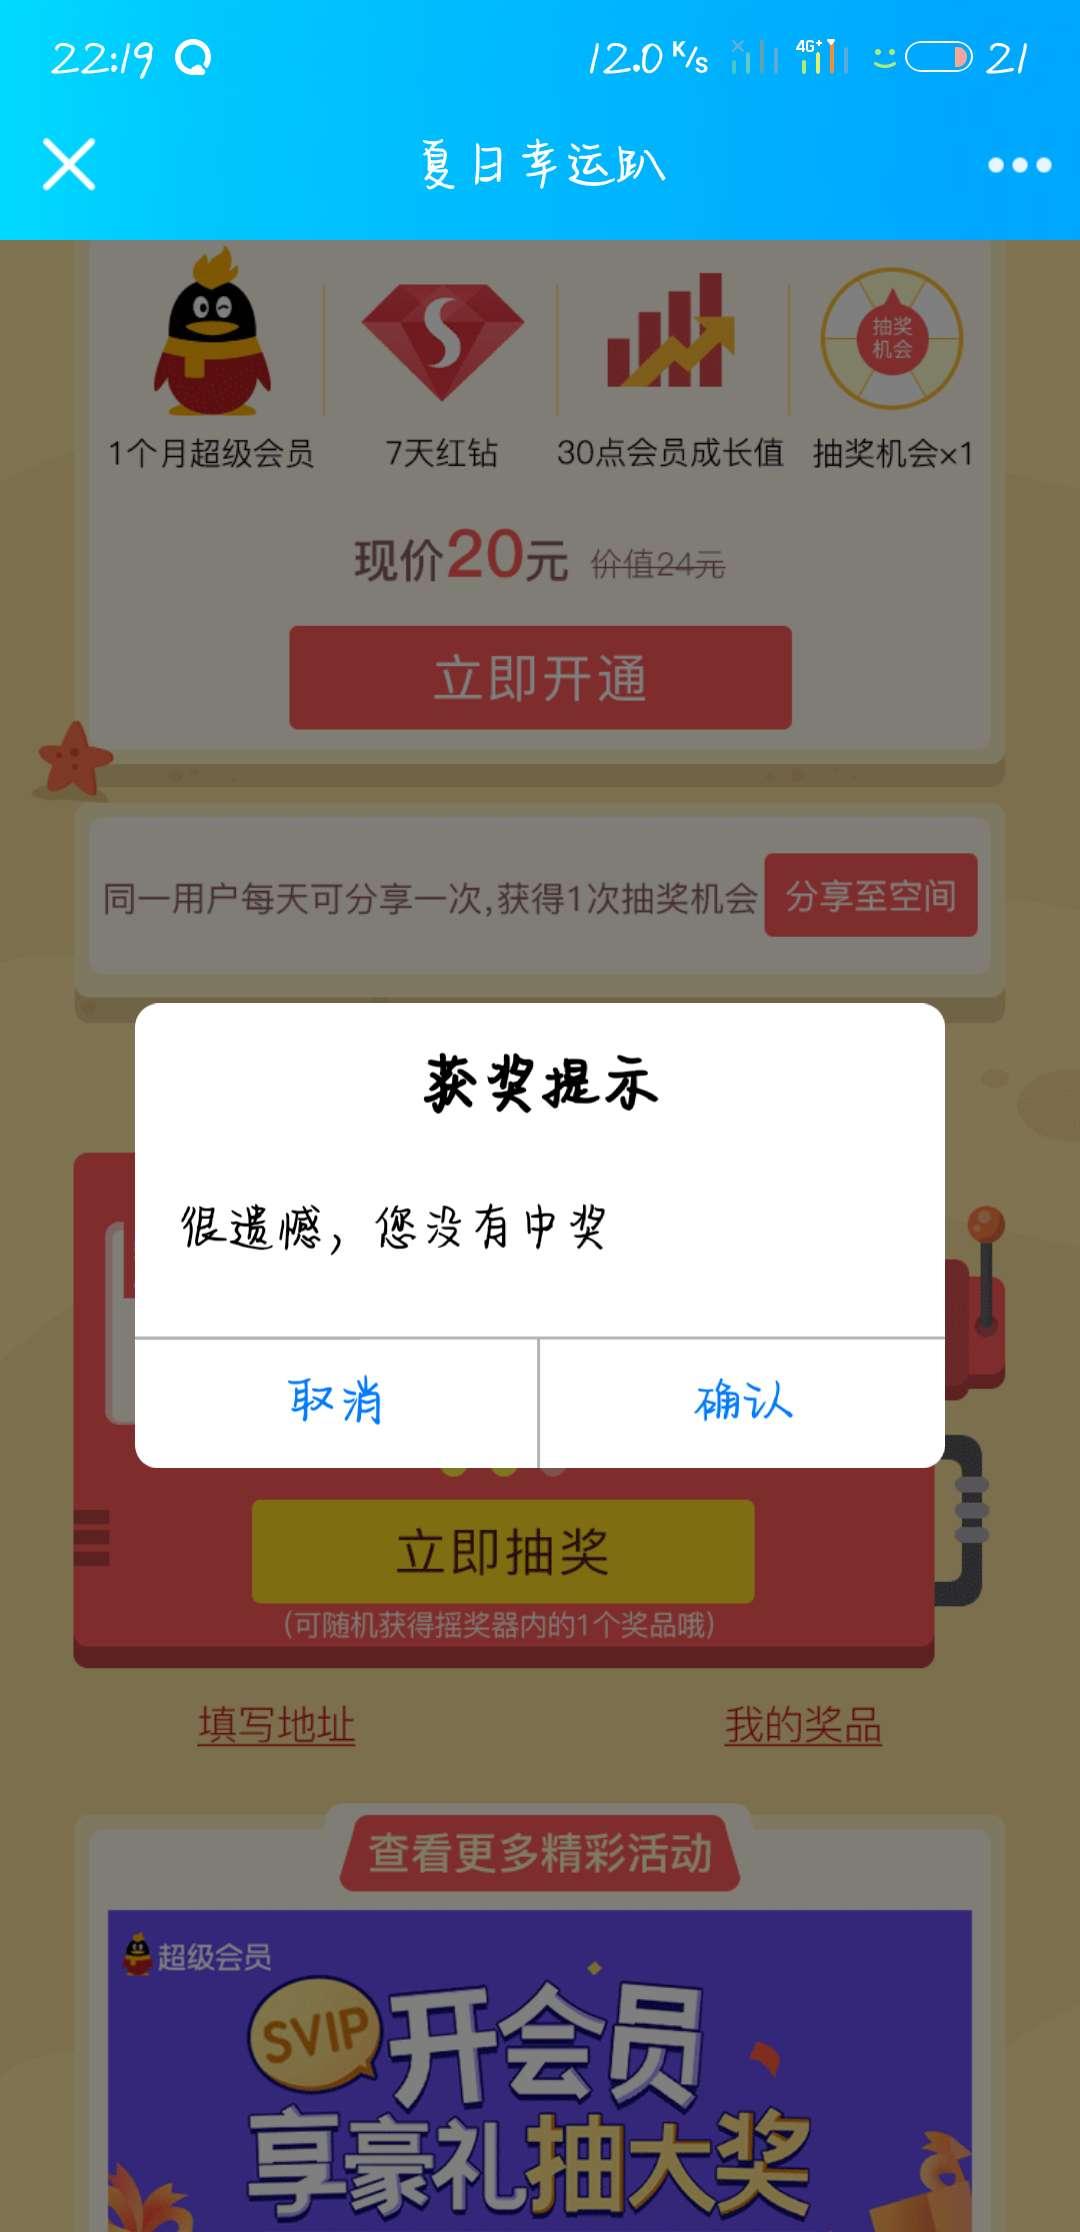 潇湘线报【现金红包】QQ分享抽取会员。-www.wcaqq.com